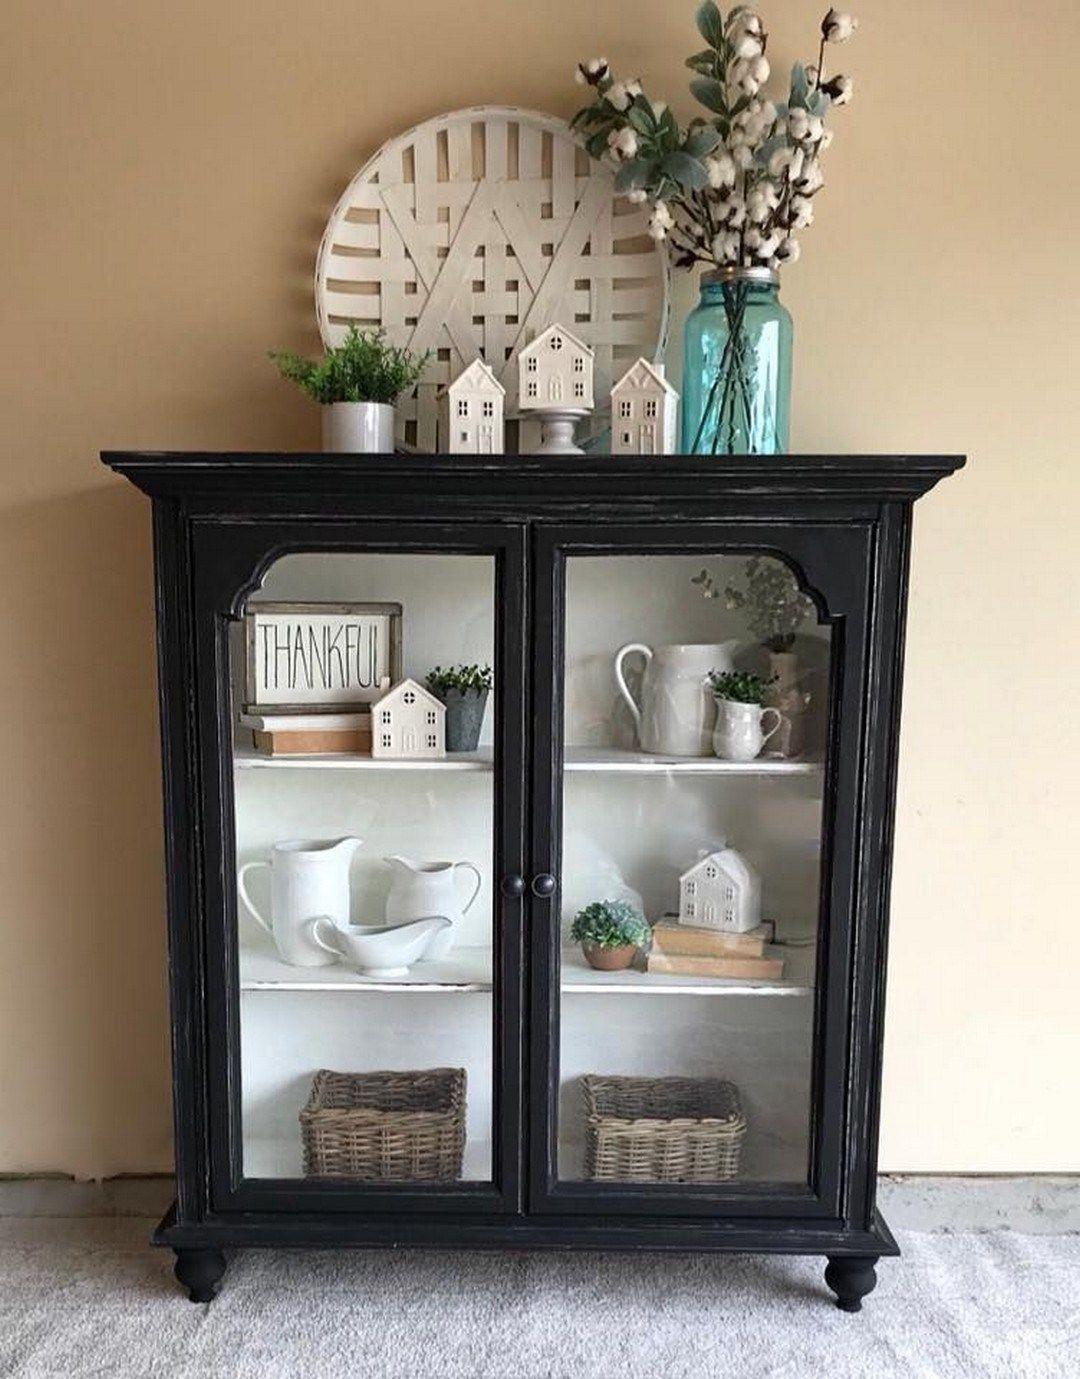 48 Diy Farmhouse Display Cabinet From Old Chest Of Drawers Farmhouse Room In 2020 Vitrinenschrank Schrank Dekor Mobelverschonerung